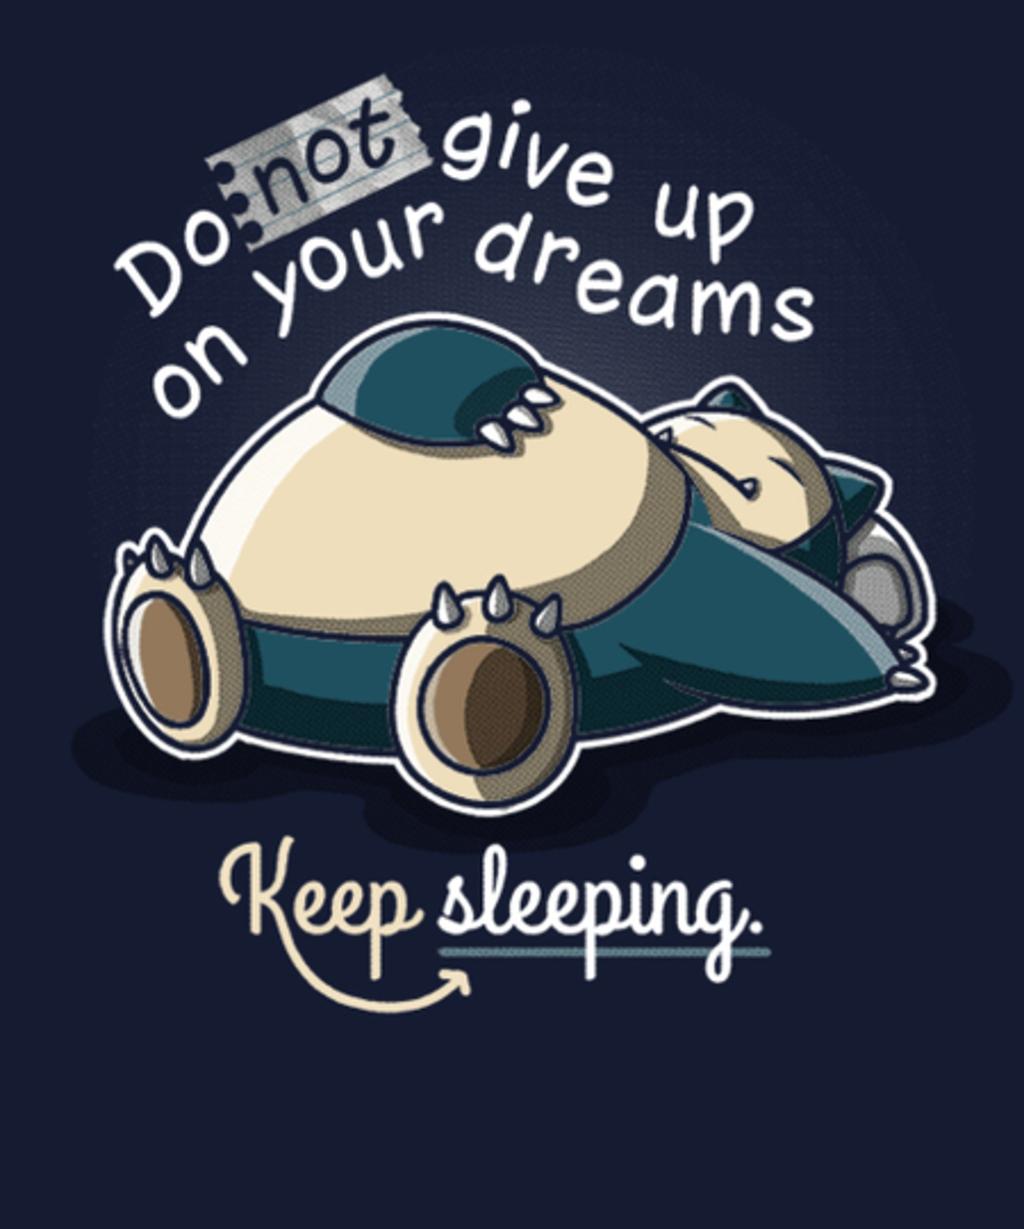 Qwertee: Keep sleeping